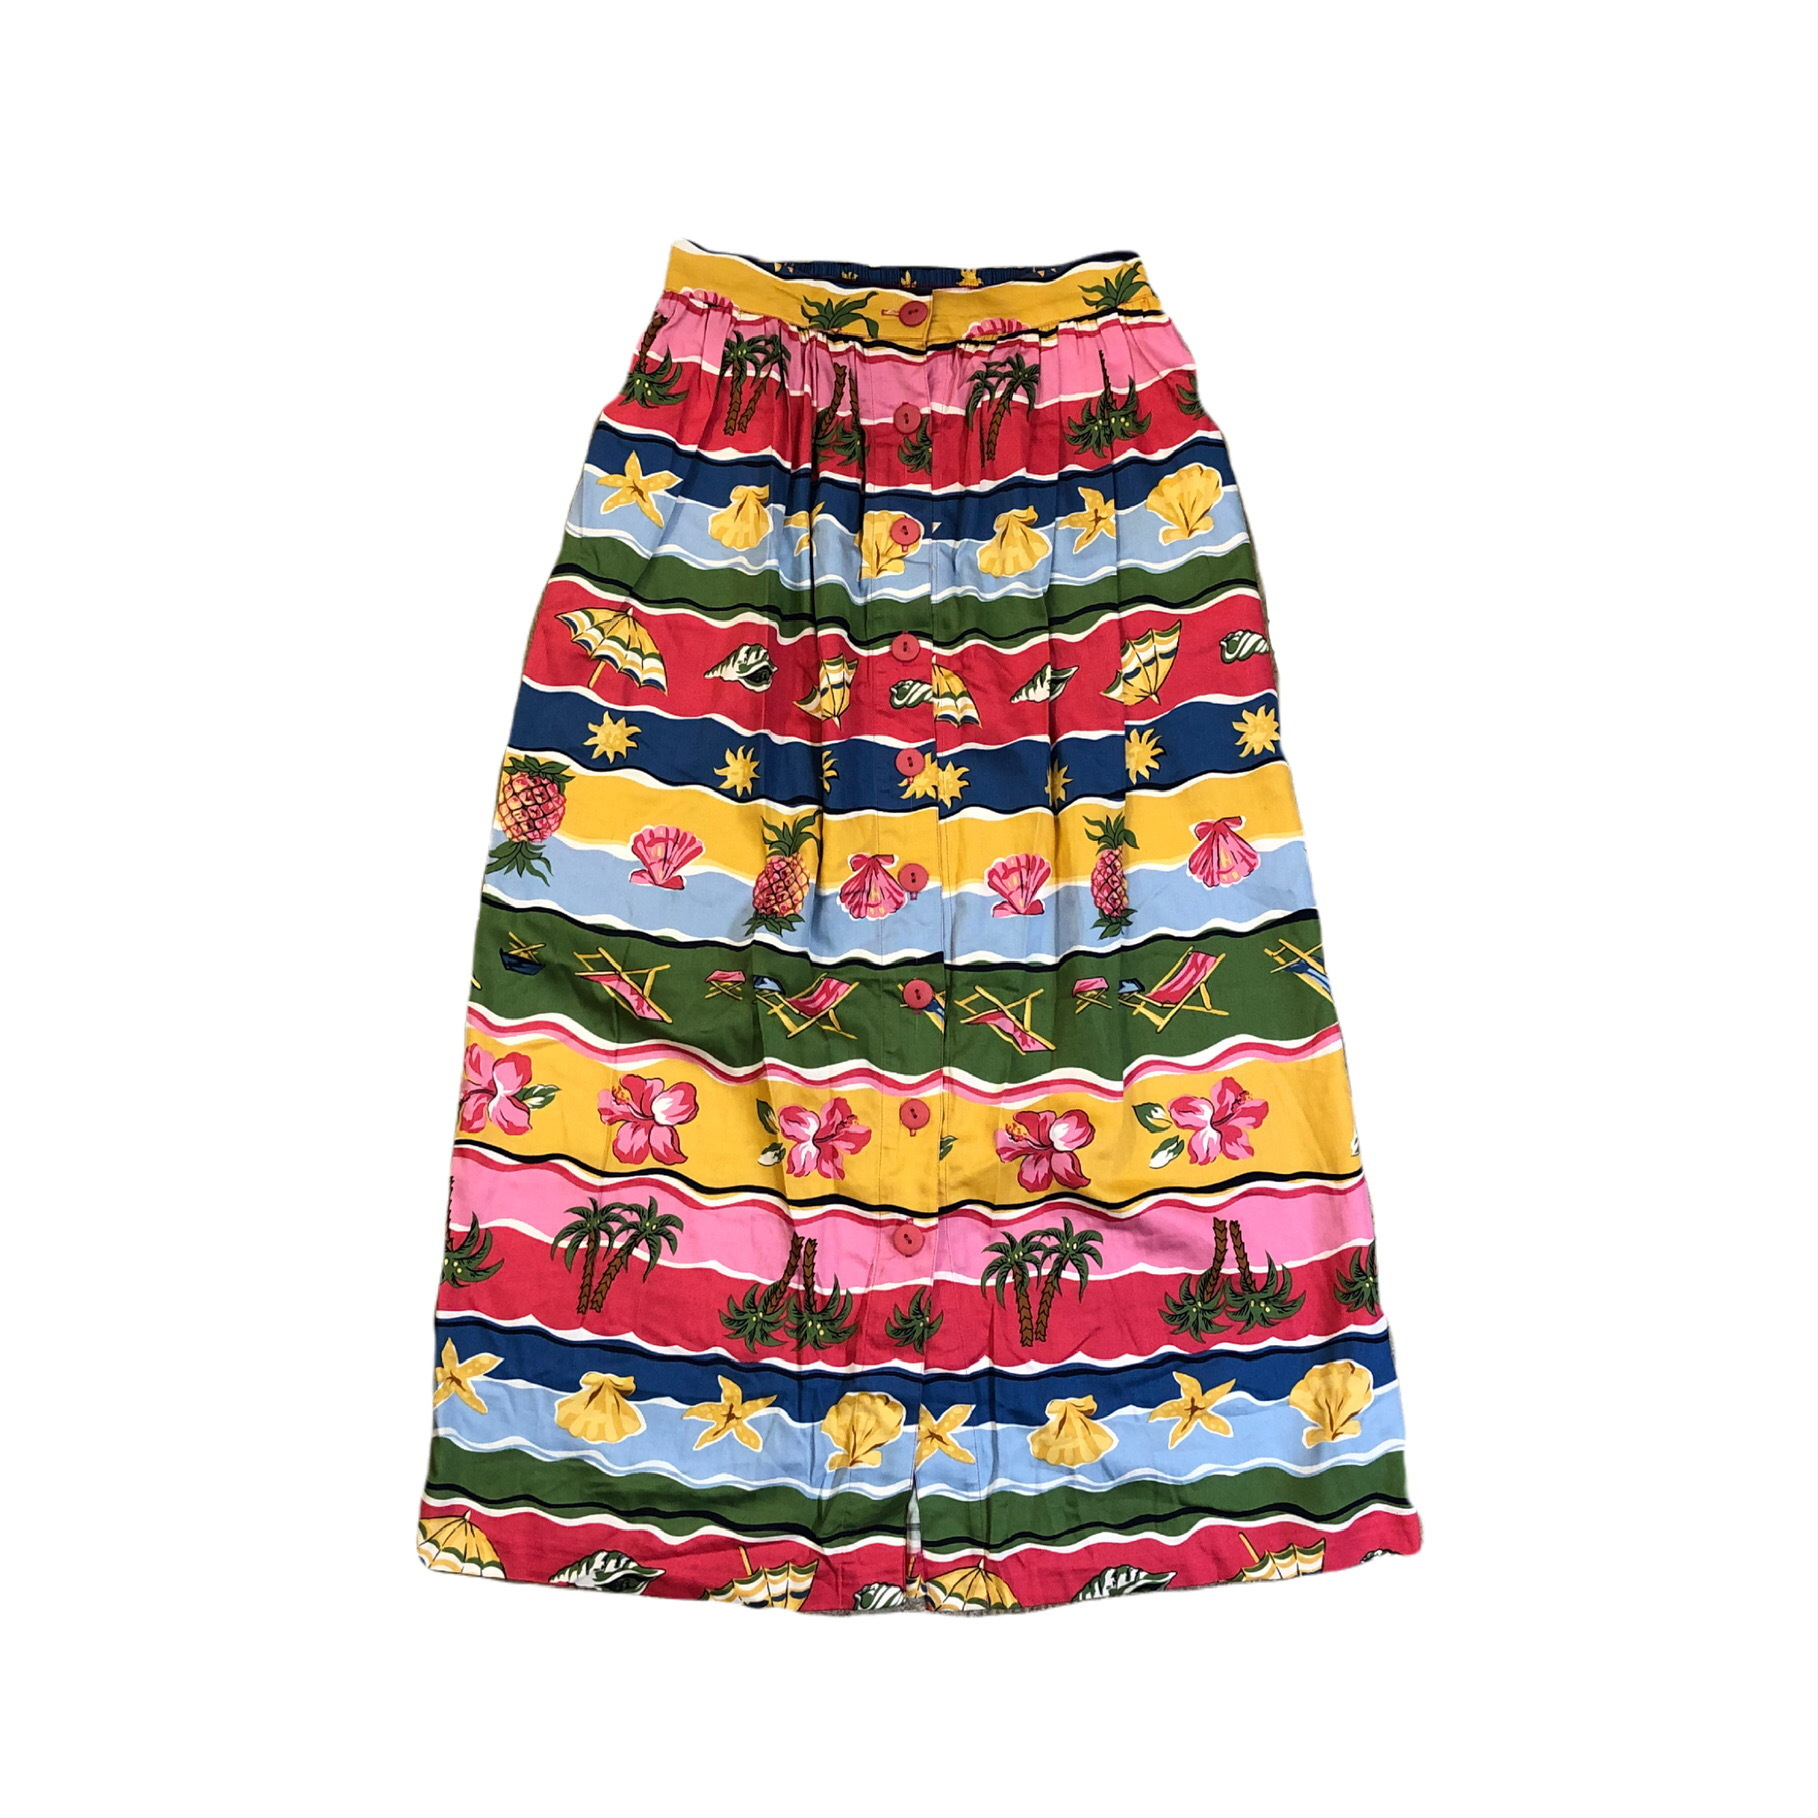 Marisa Christina Long Skirt ¥5,900+tax